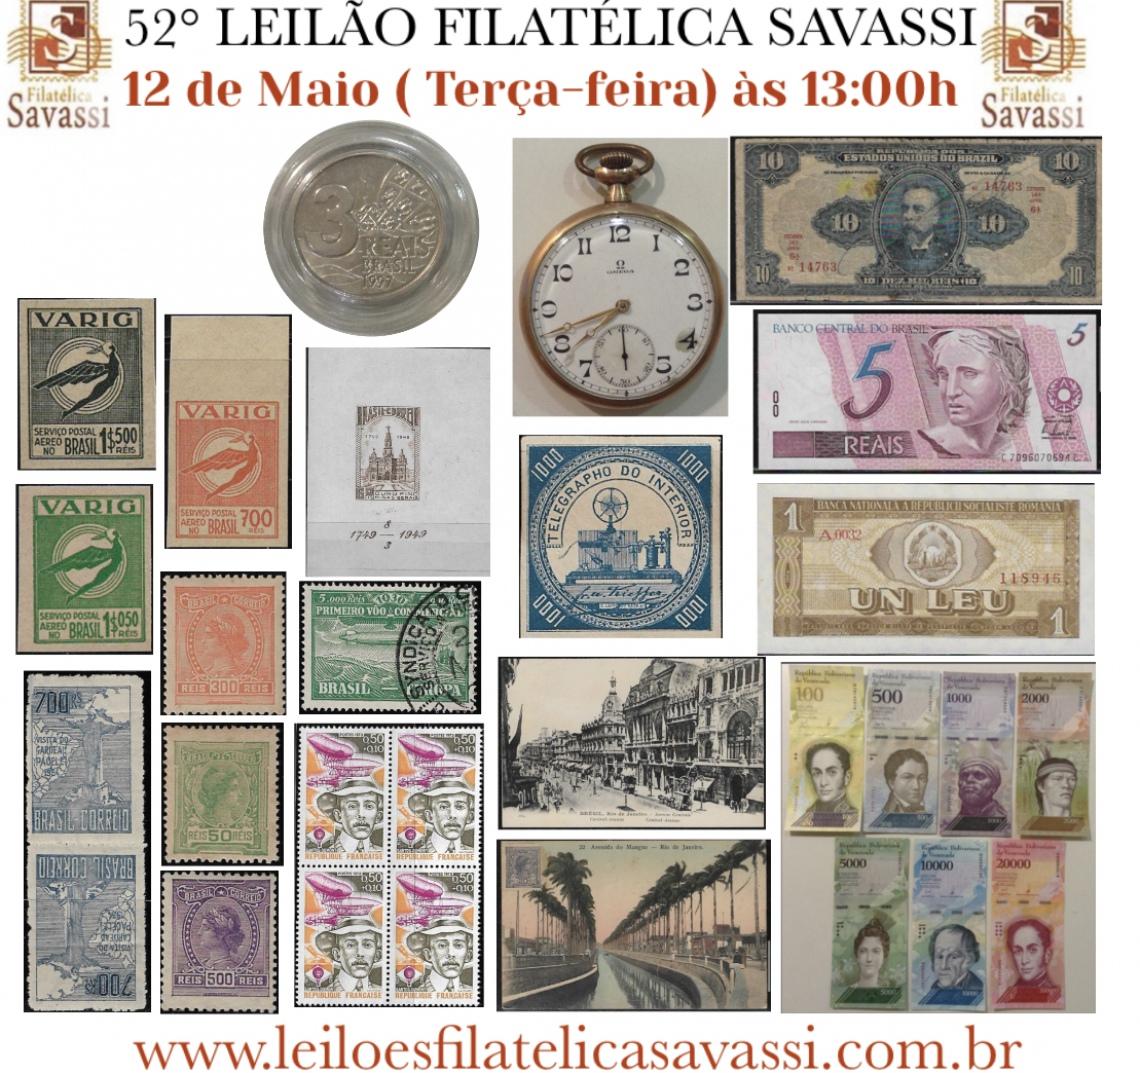 52º LEILÃO FILATÉLICA SAVASSI